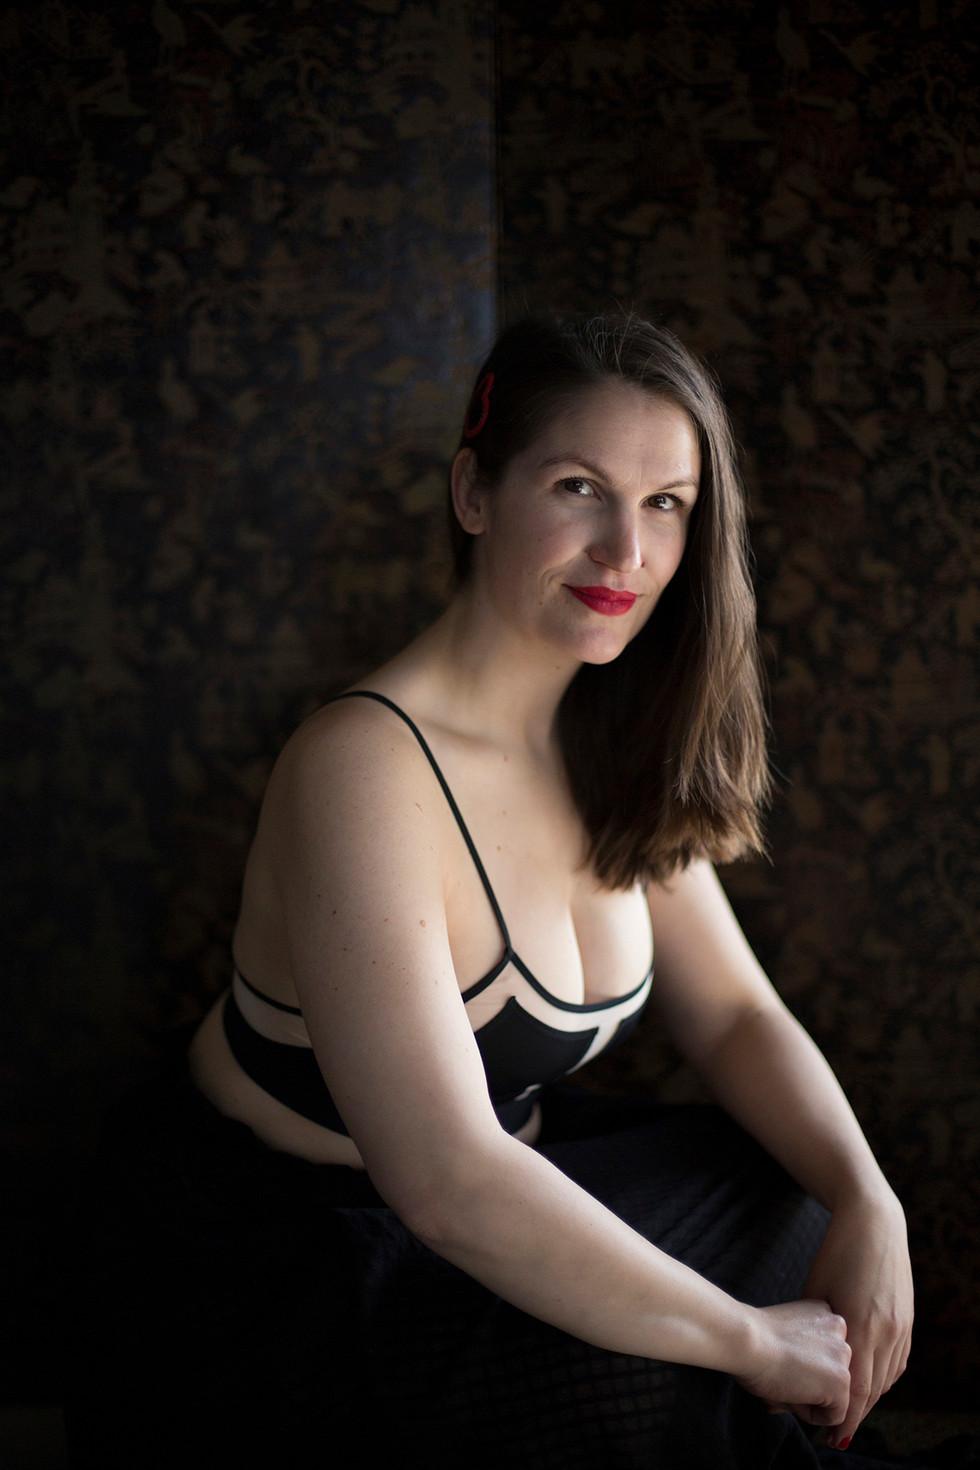 52-Underwear - Lies Engelen Photography.